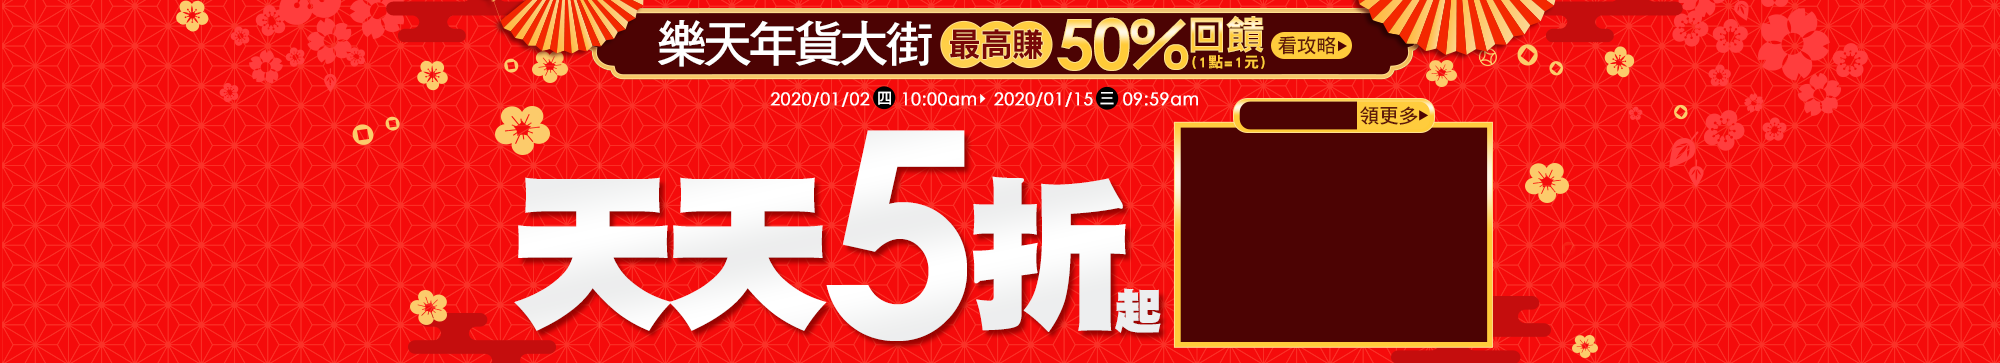 樂天年貨大街:整點特賣5折熱門商品,最高再賺50%回饋